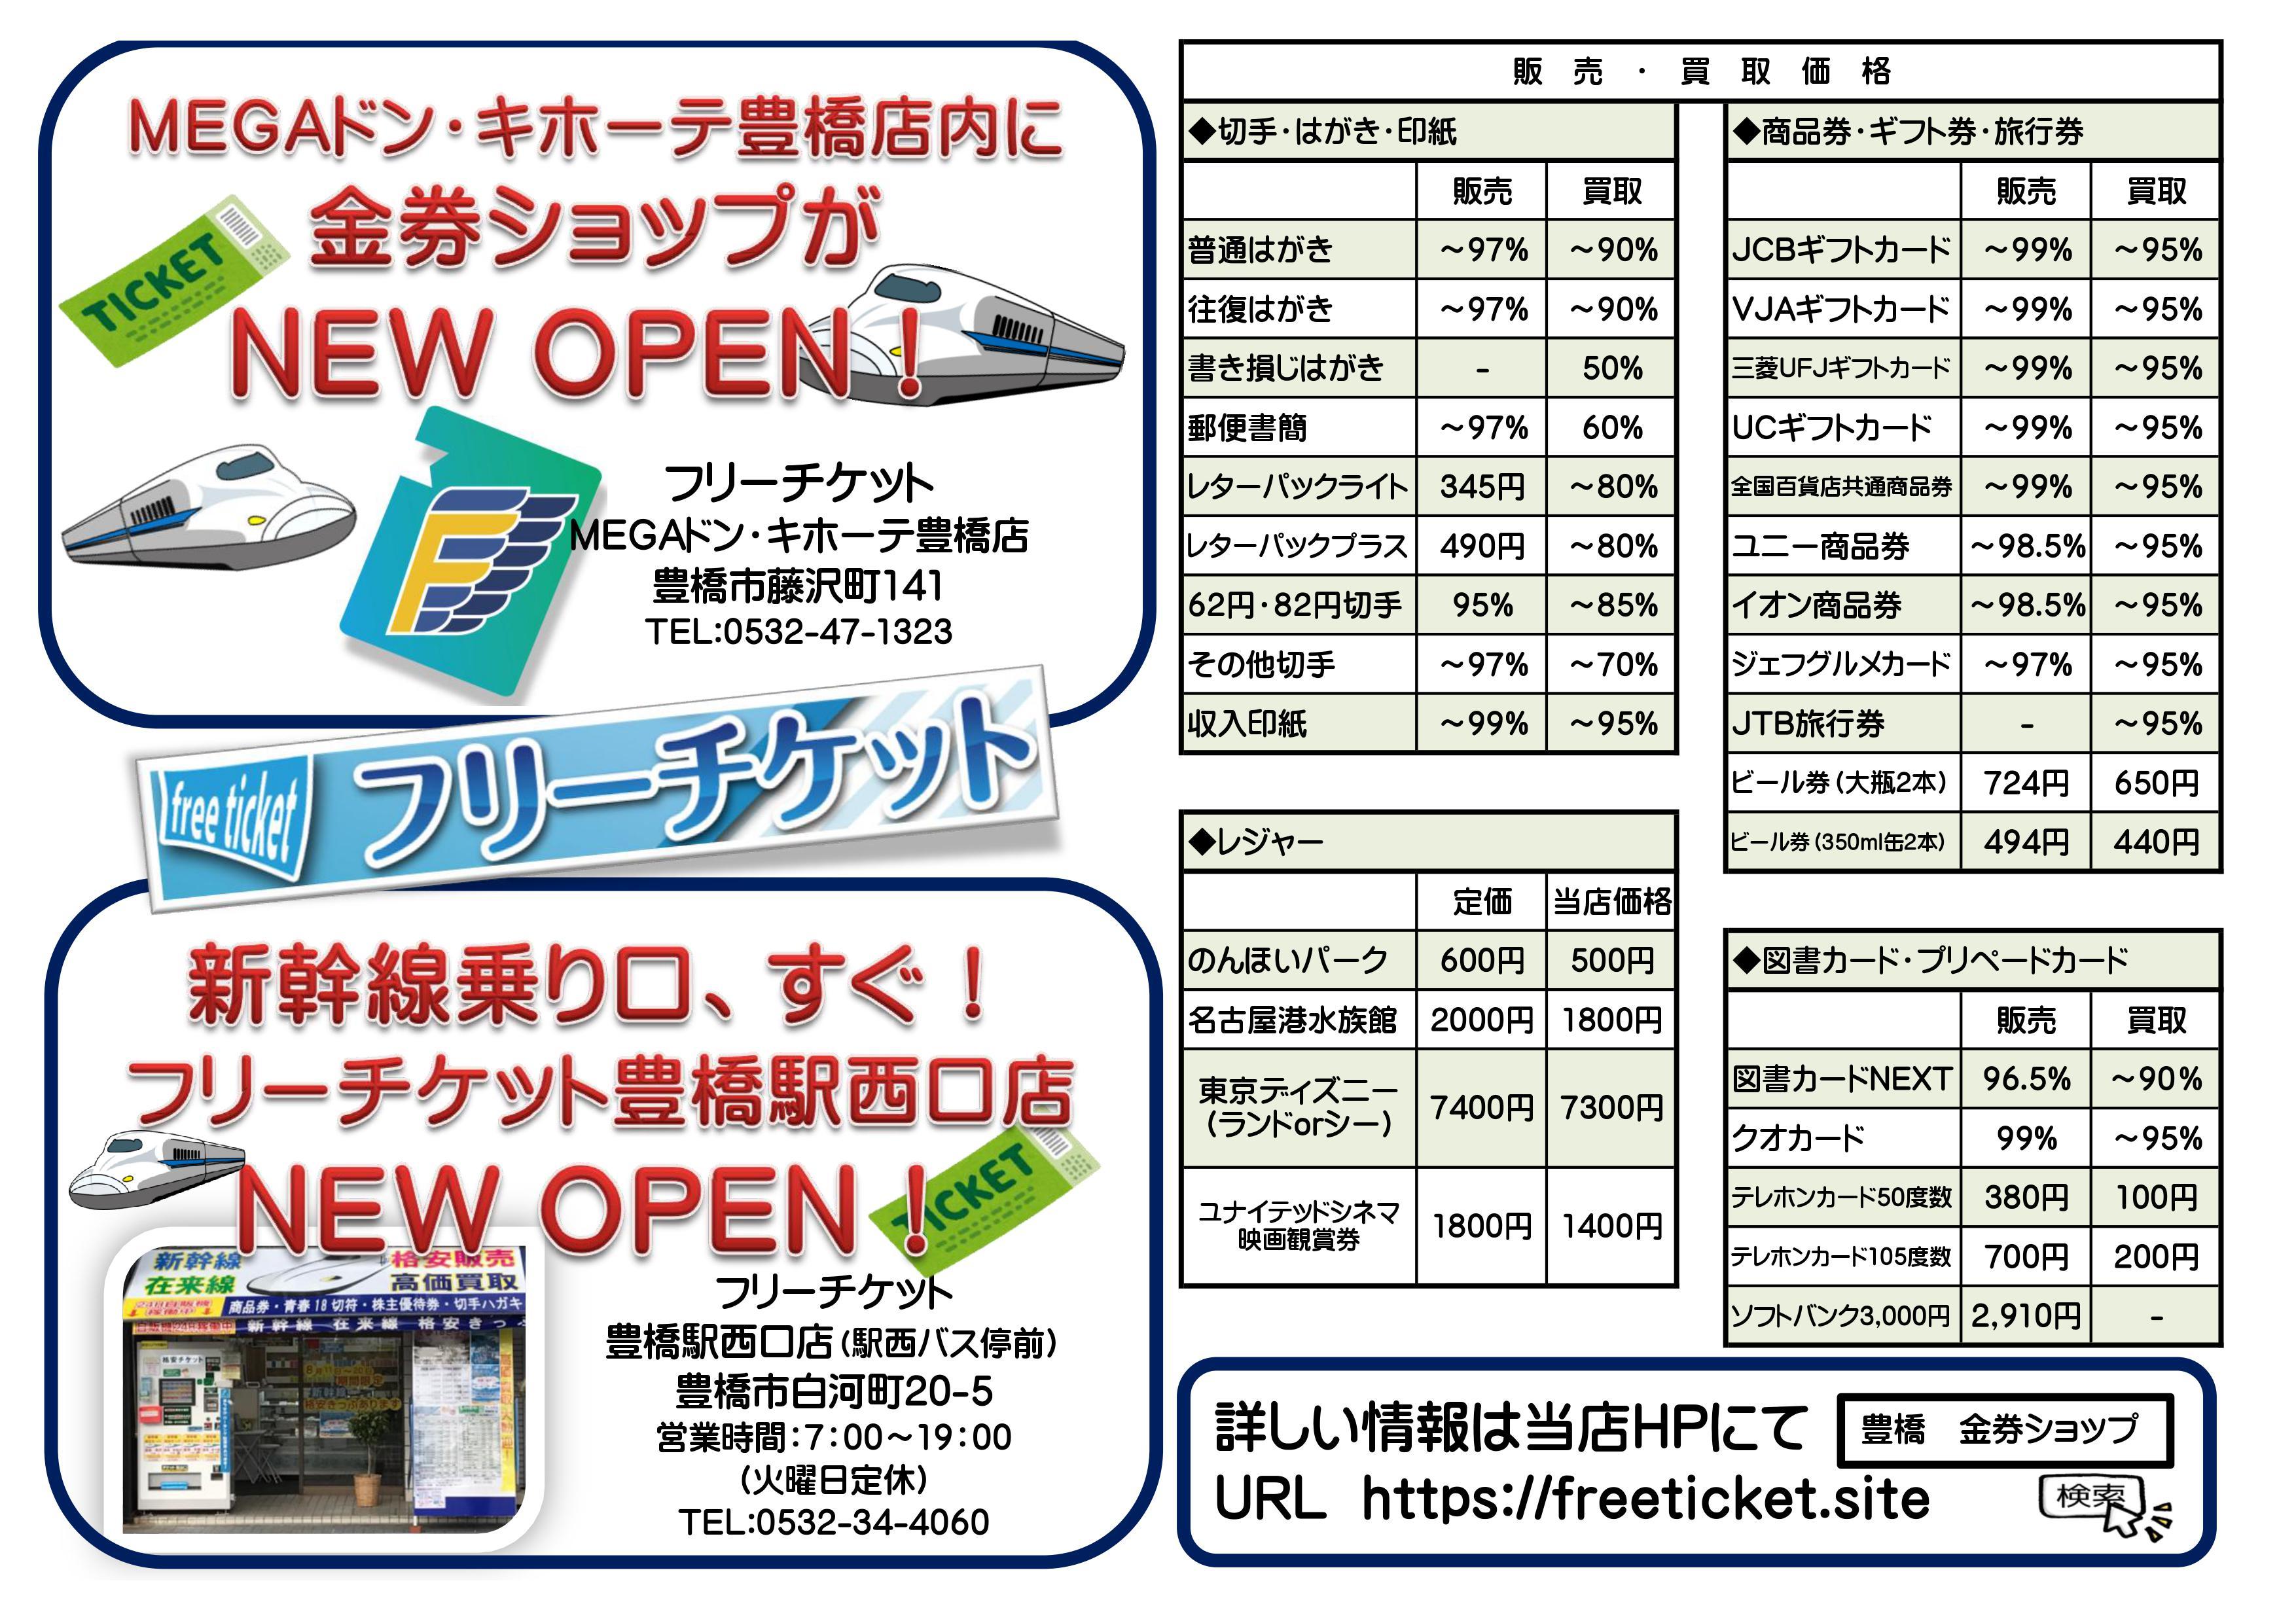 豊橋金券ショップフリーチケット|価格表②